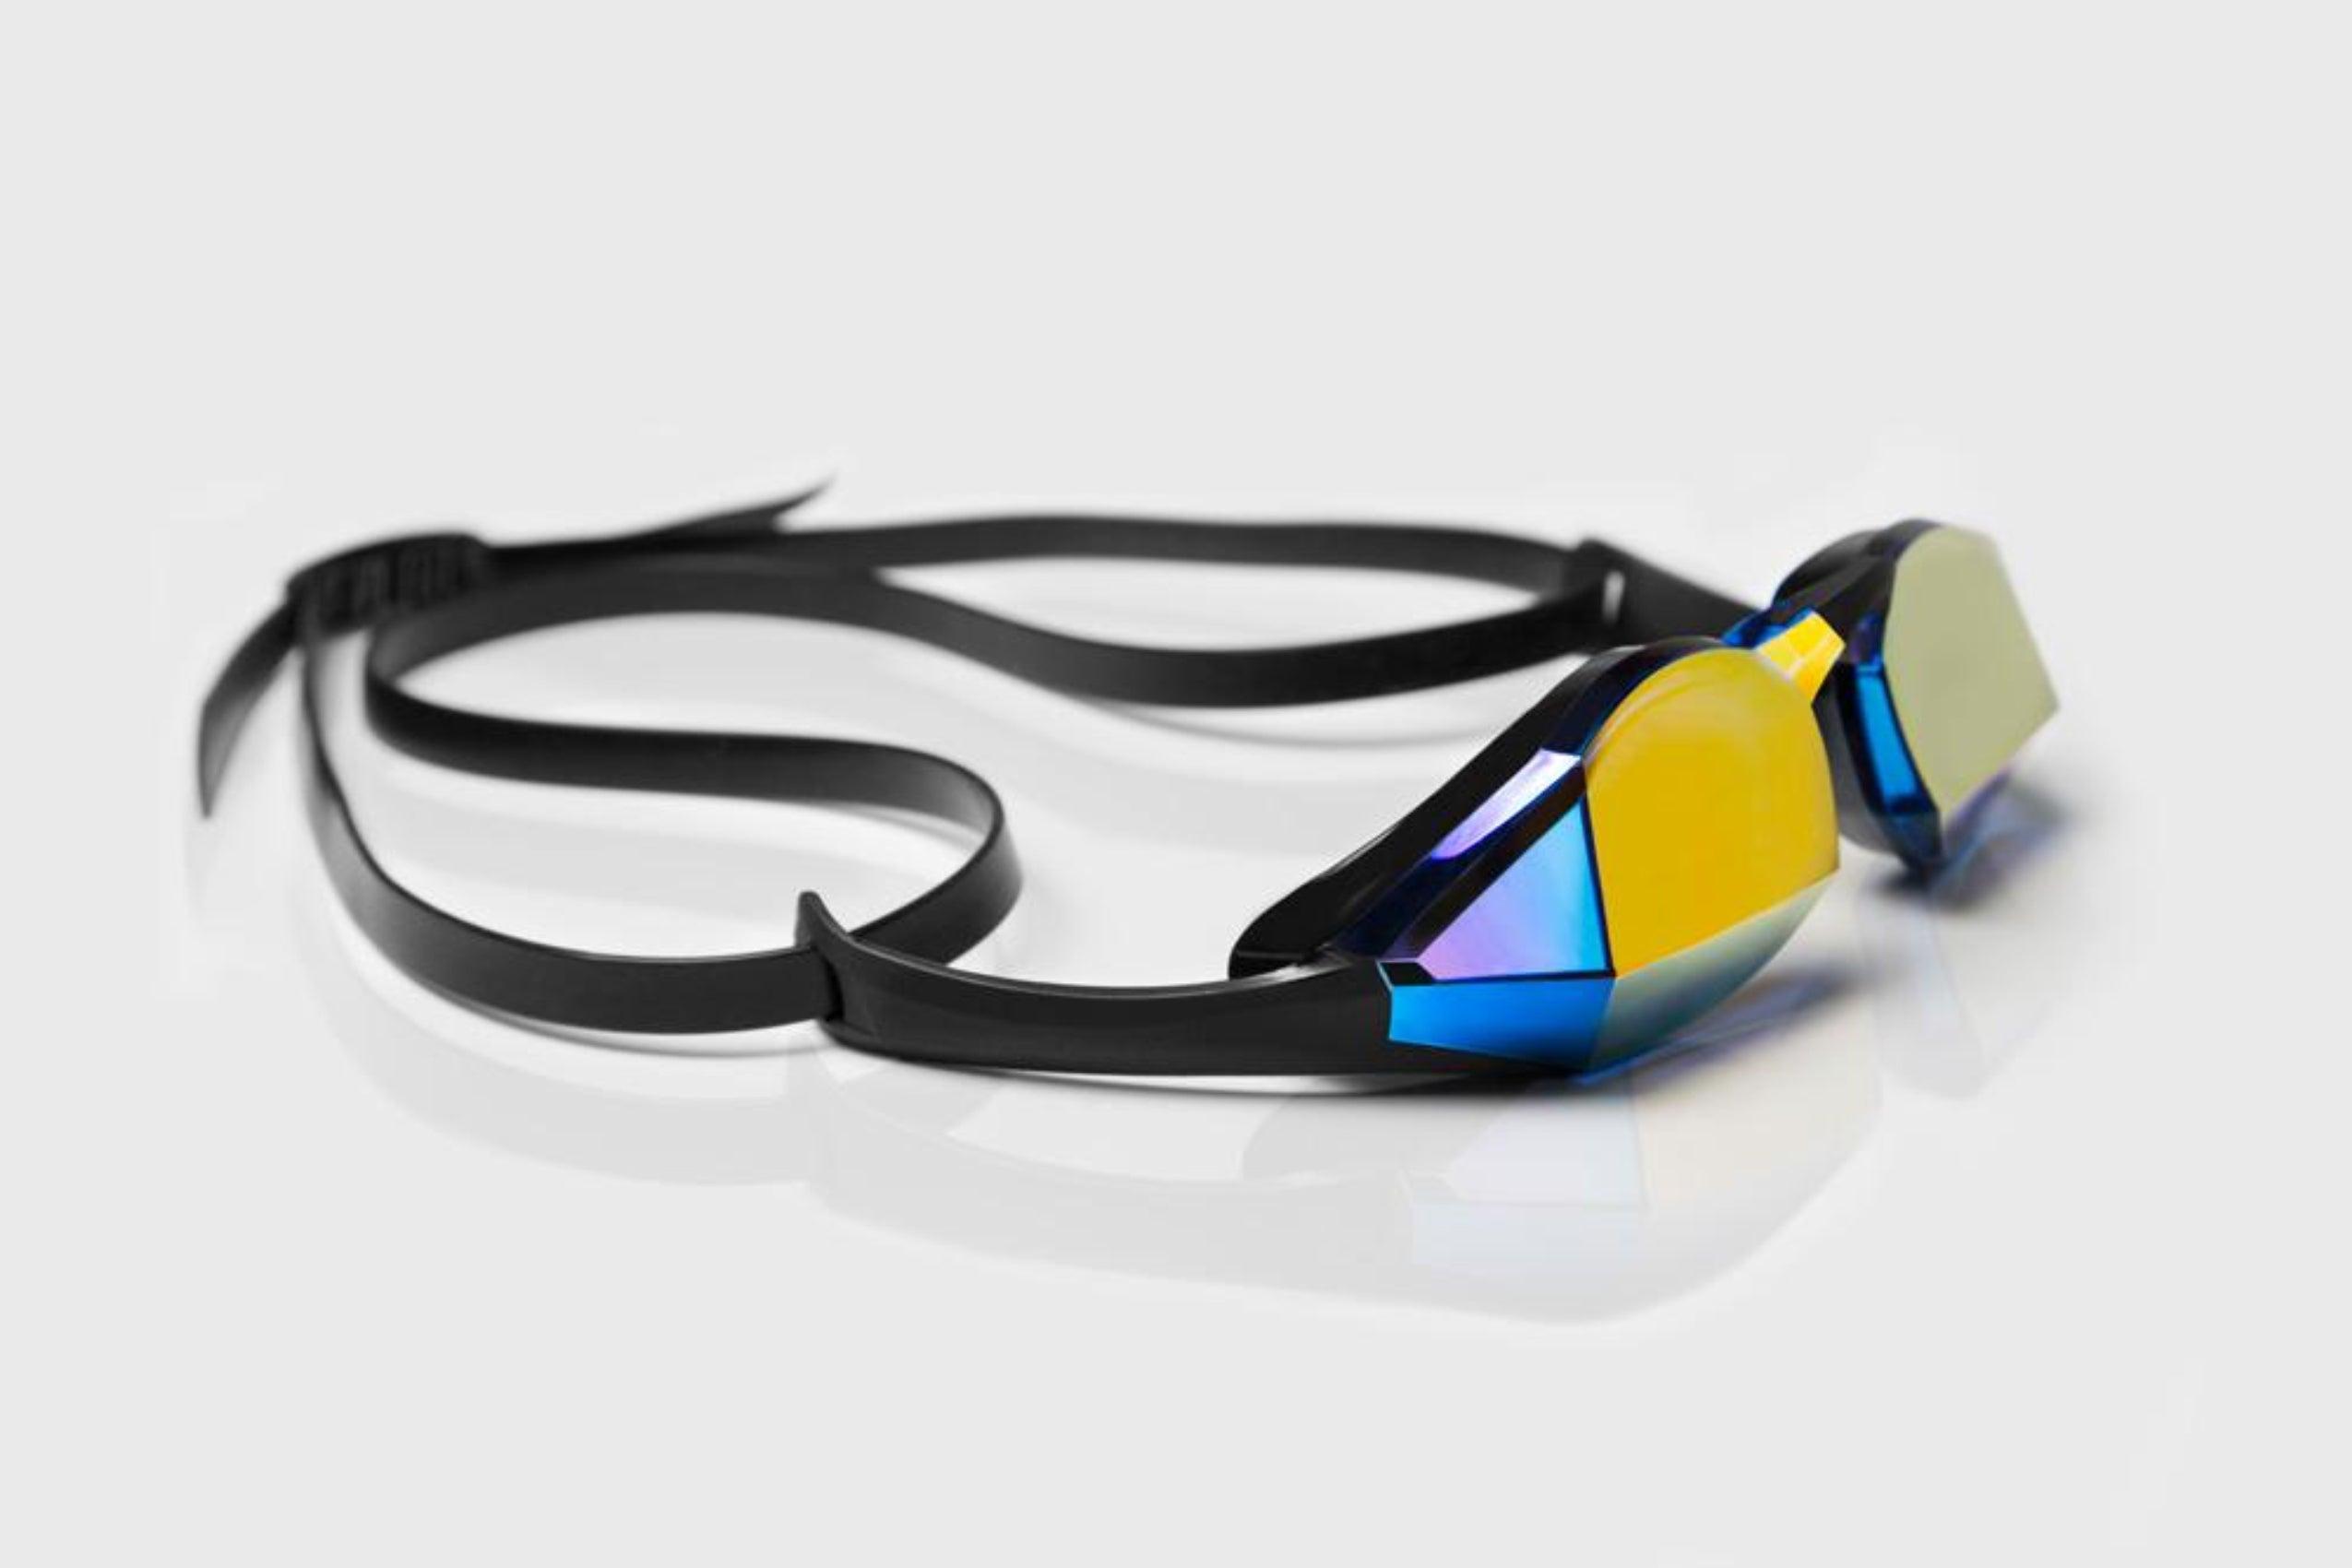 Best Triathlon Goggles - Magic5